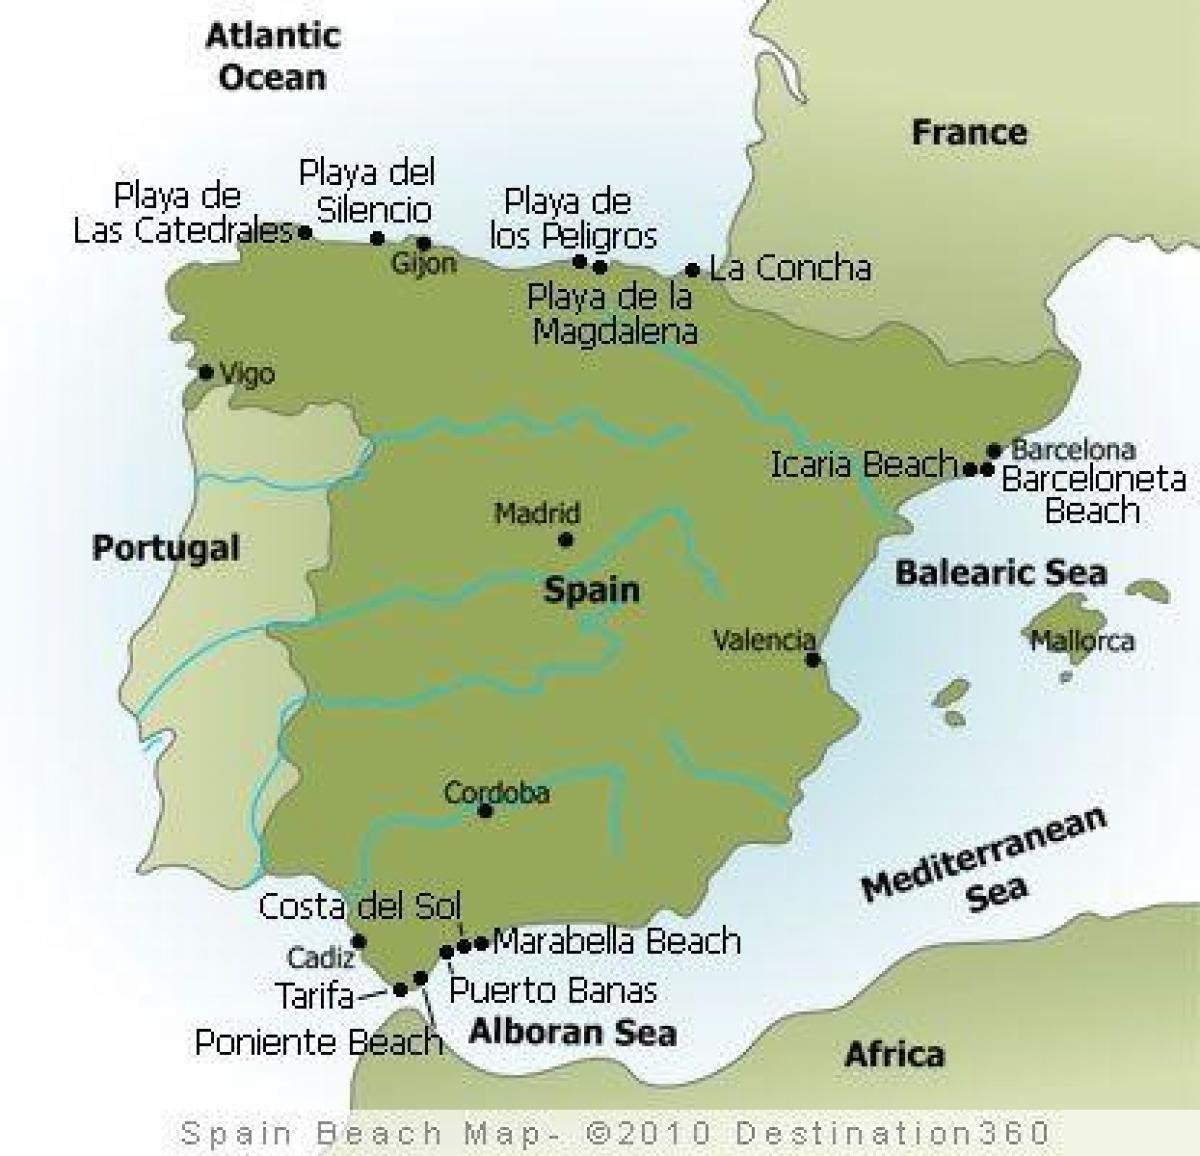 huelva espanha mapa Espanha praia do mapa de resorts de Praia na Espanha mapa (Sul da  huelva espanha mapa